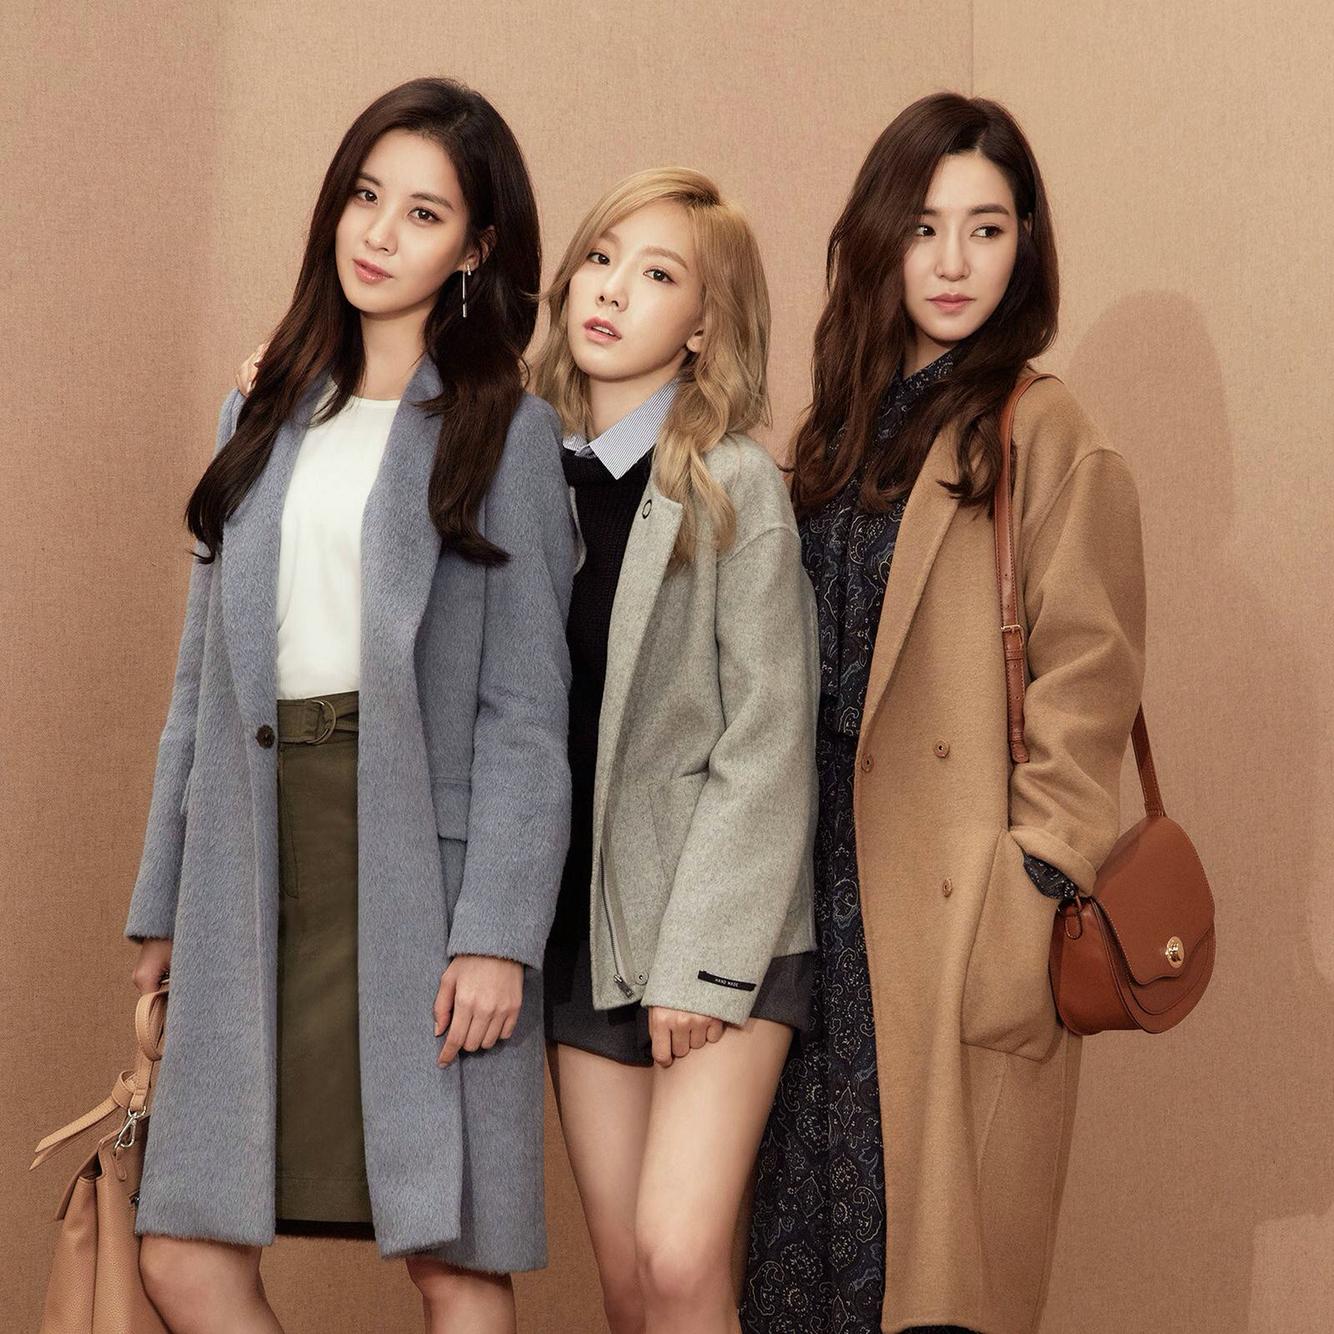 Seohyun và Tiffany rời SM, fan còn mất đi bộ ba thần thánh TaeTiSeo? - Ảnh 1.